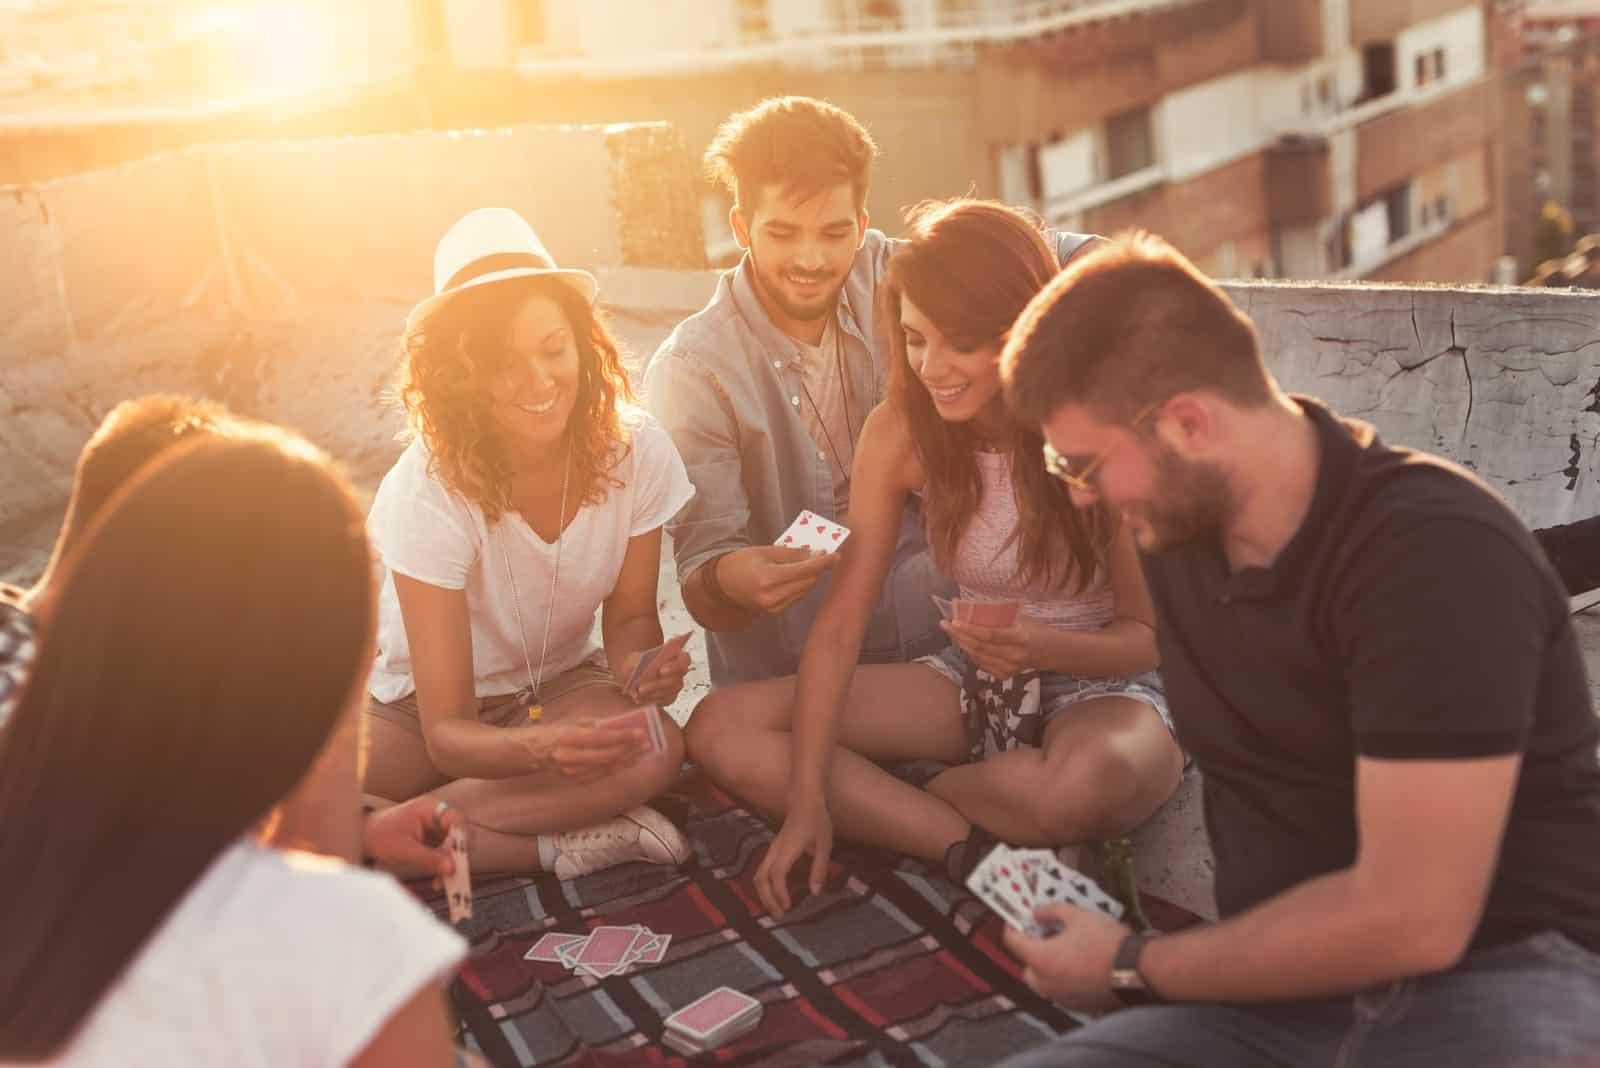 les amis s'assoient et jouent aux cartes